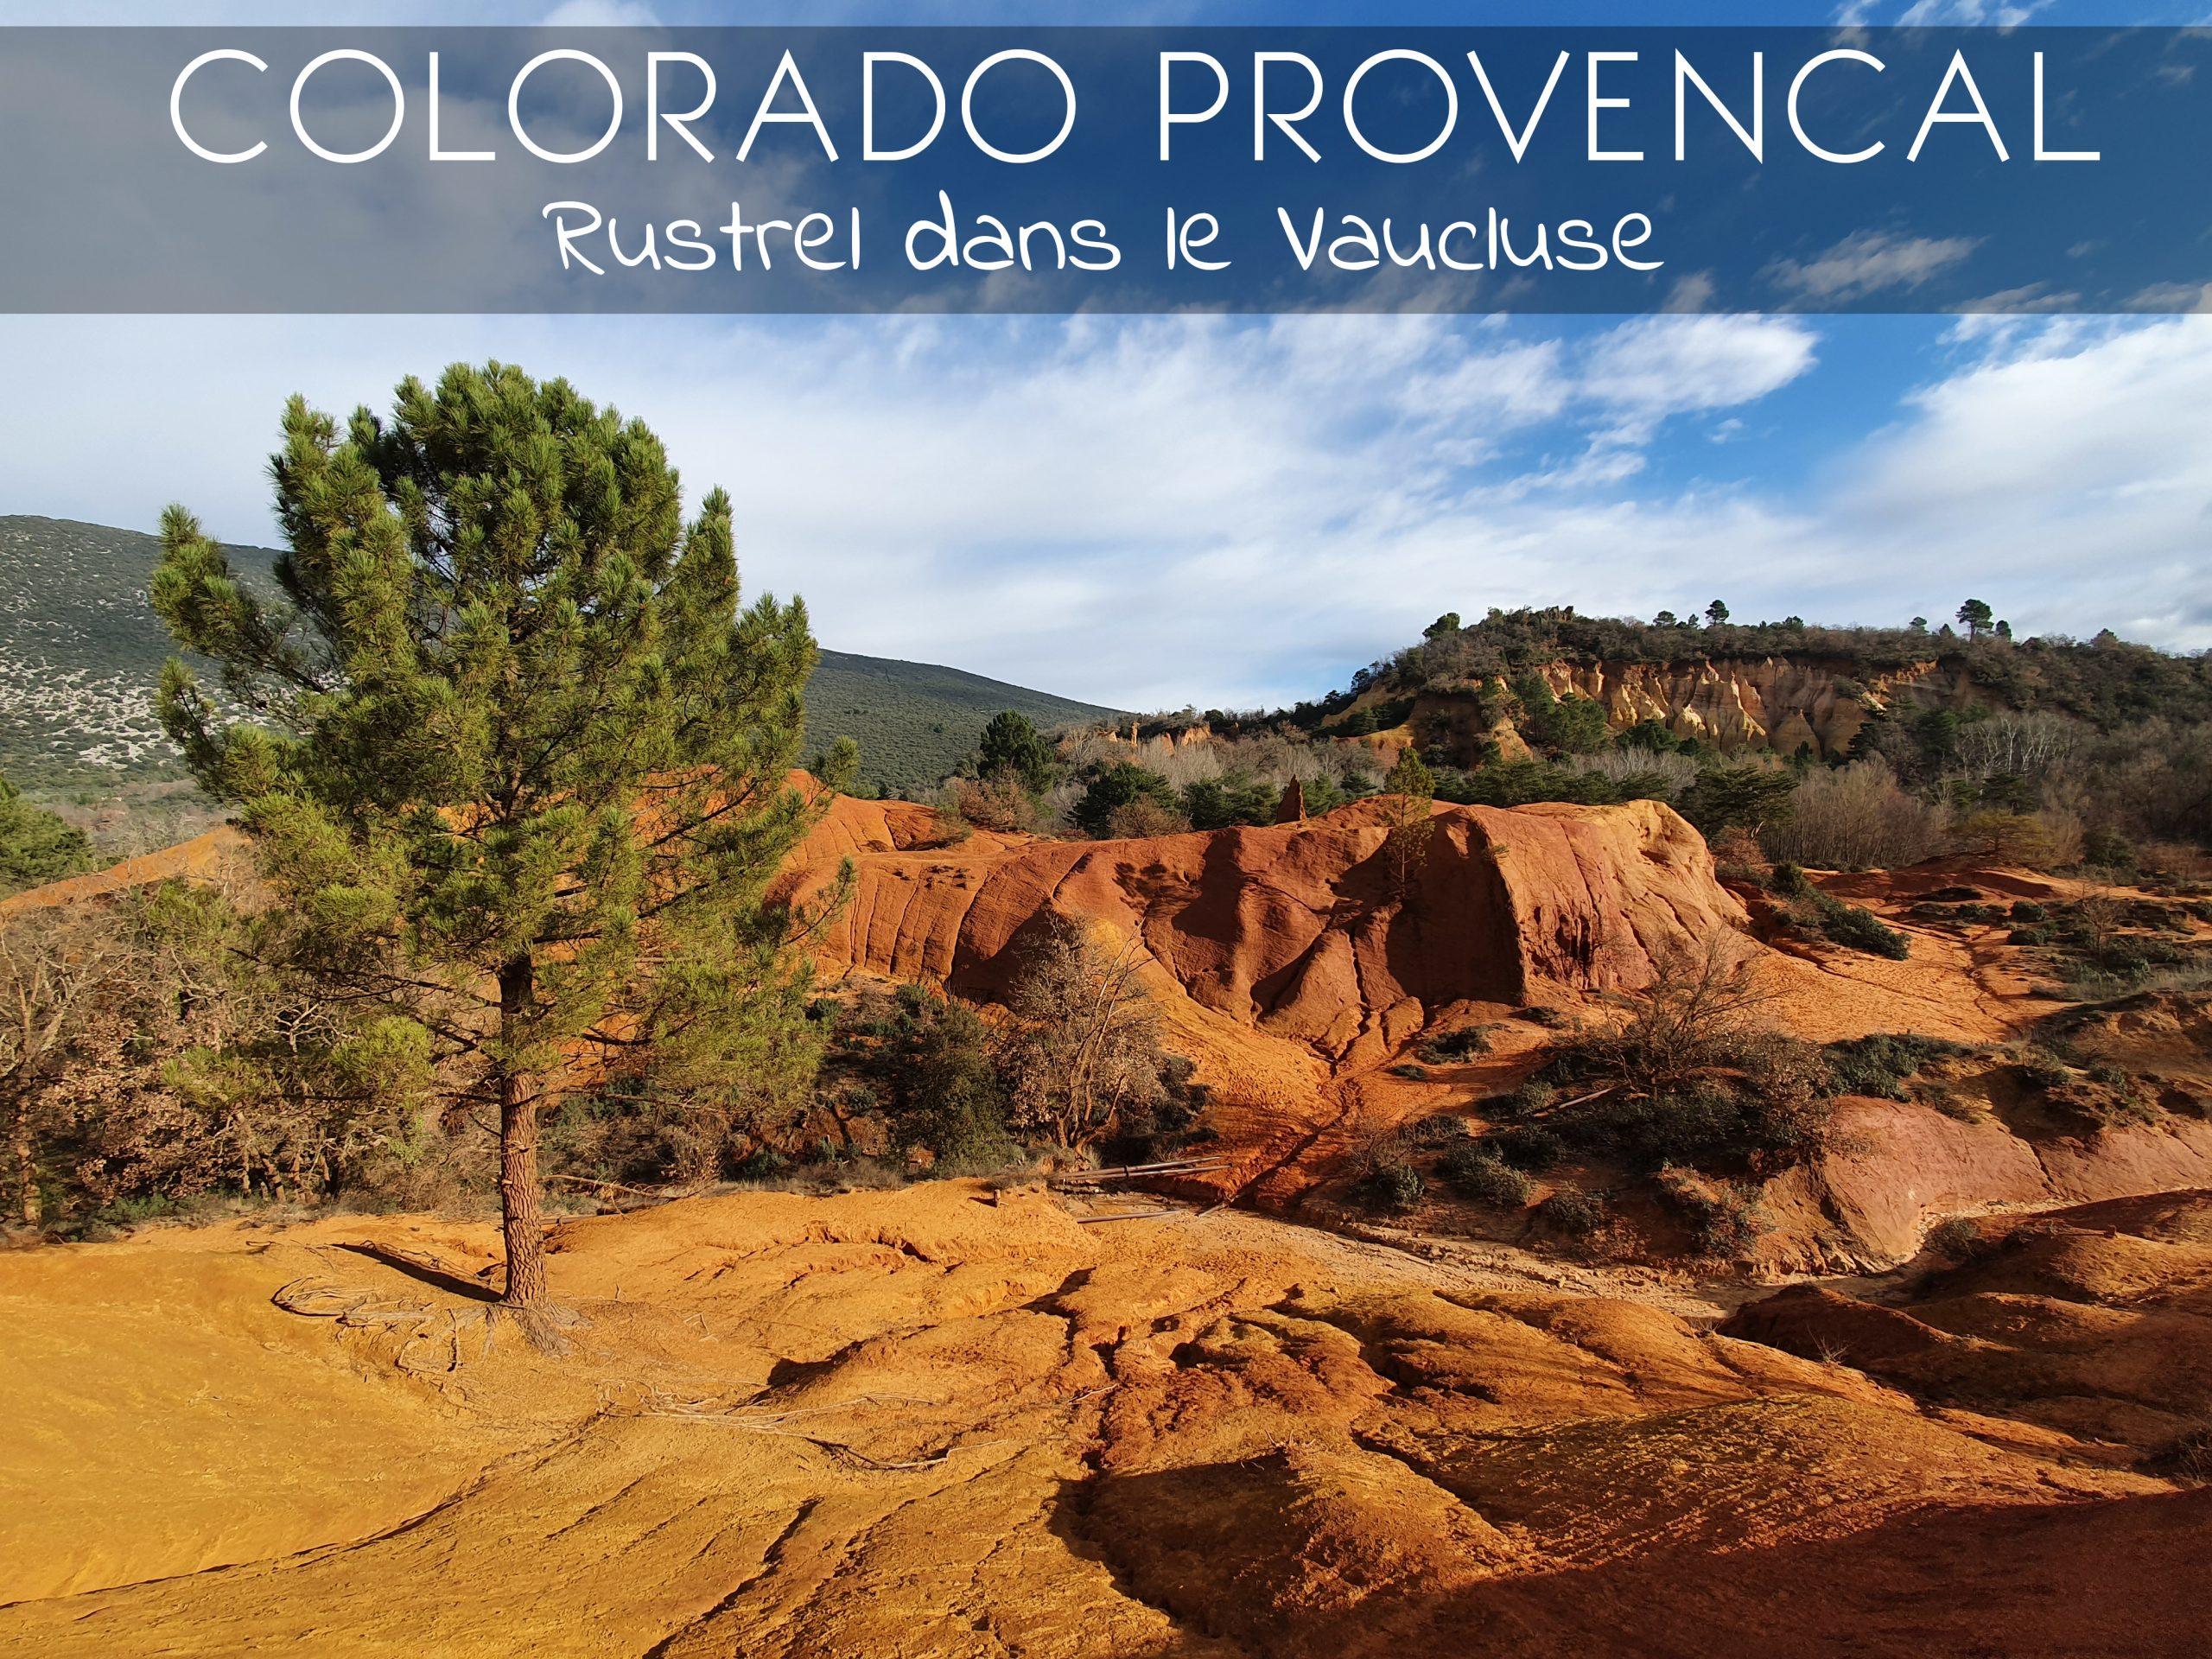 Balade dans le Colorado Provençal à Rustrel